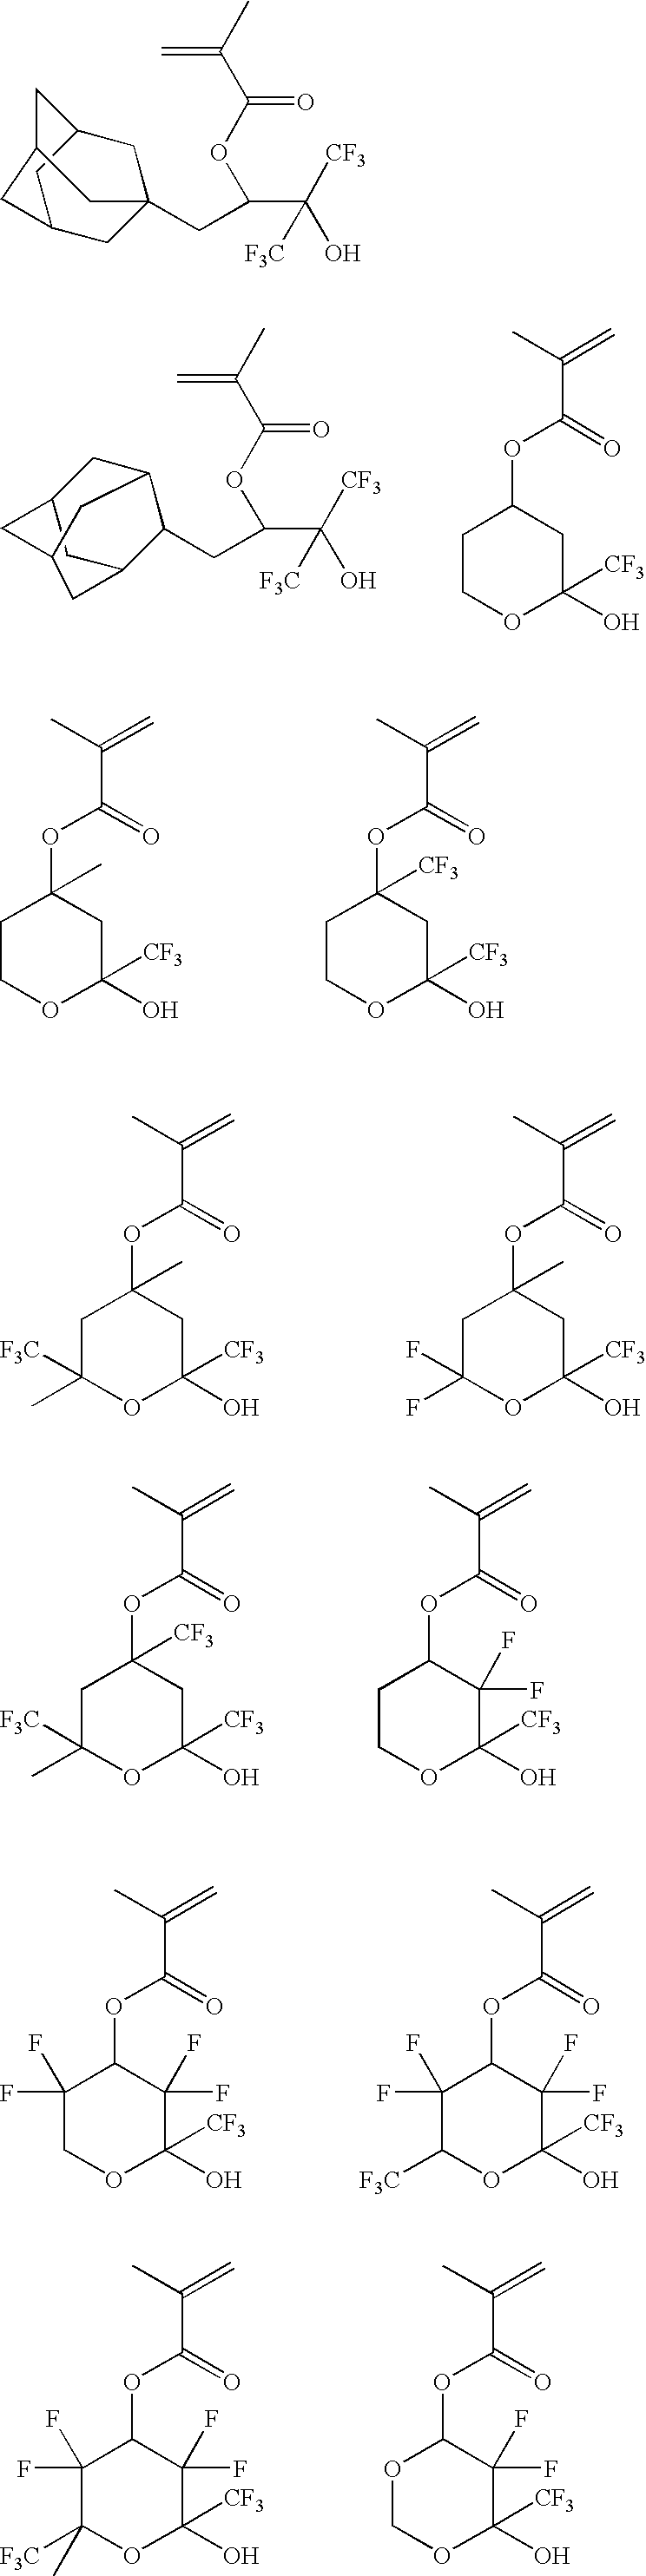 Figure US08057982-20111115-C00062